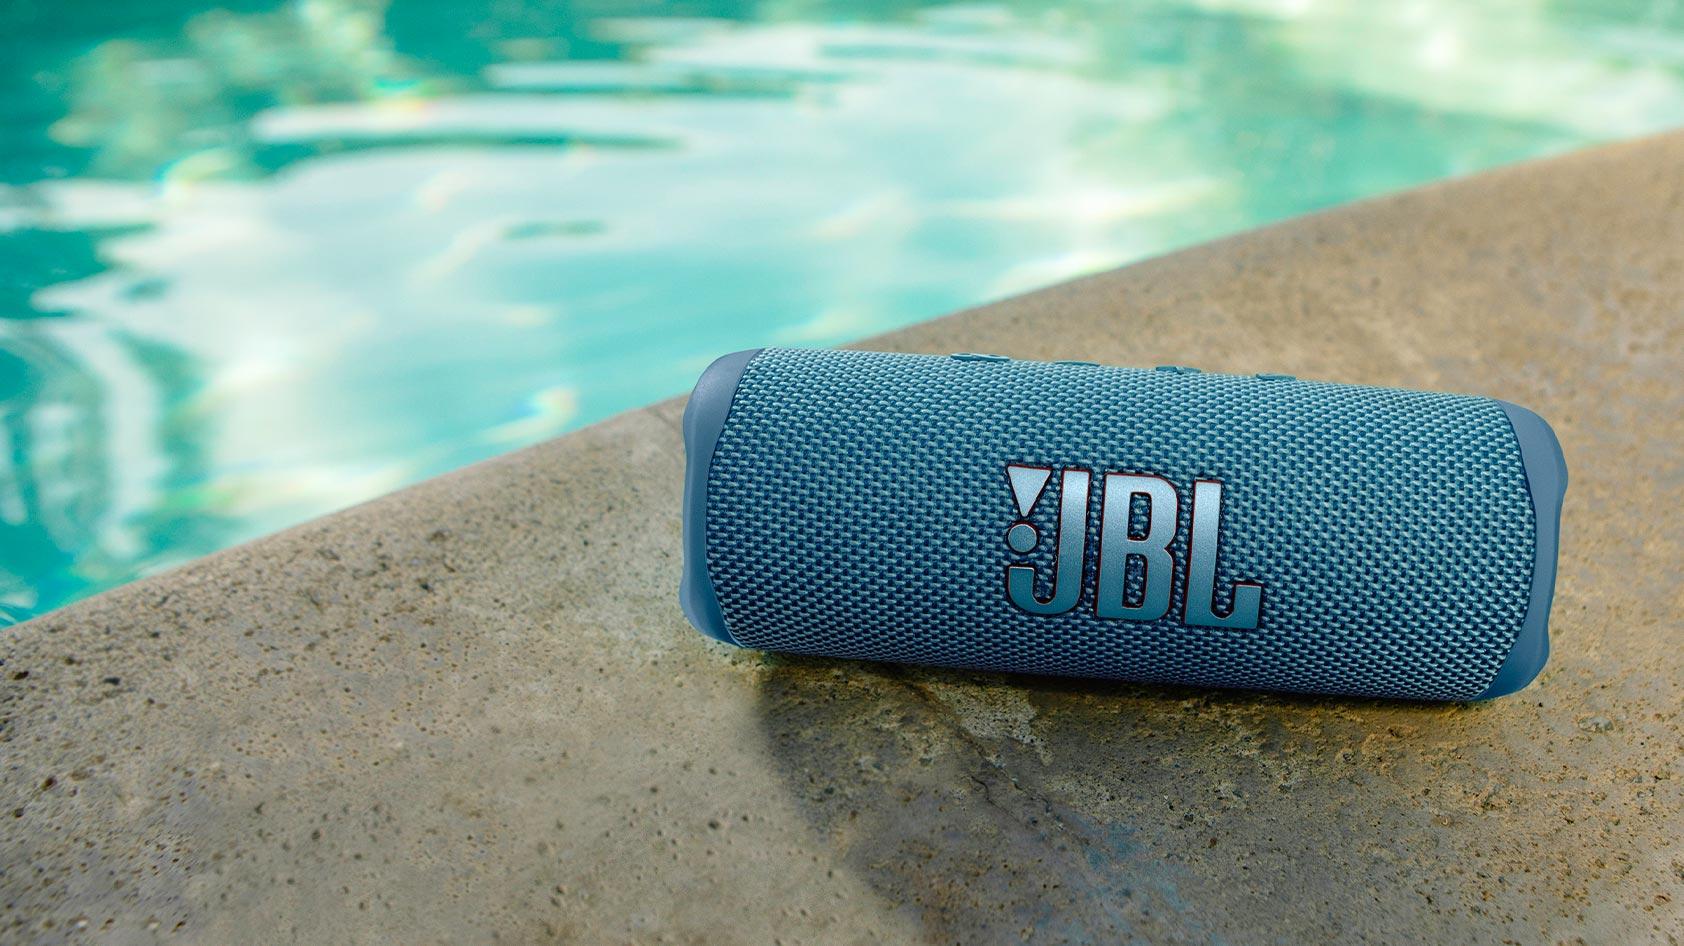 The JBL Flip 6 in blue rests poolside.